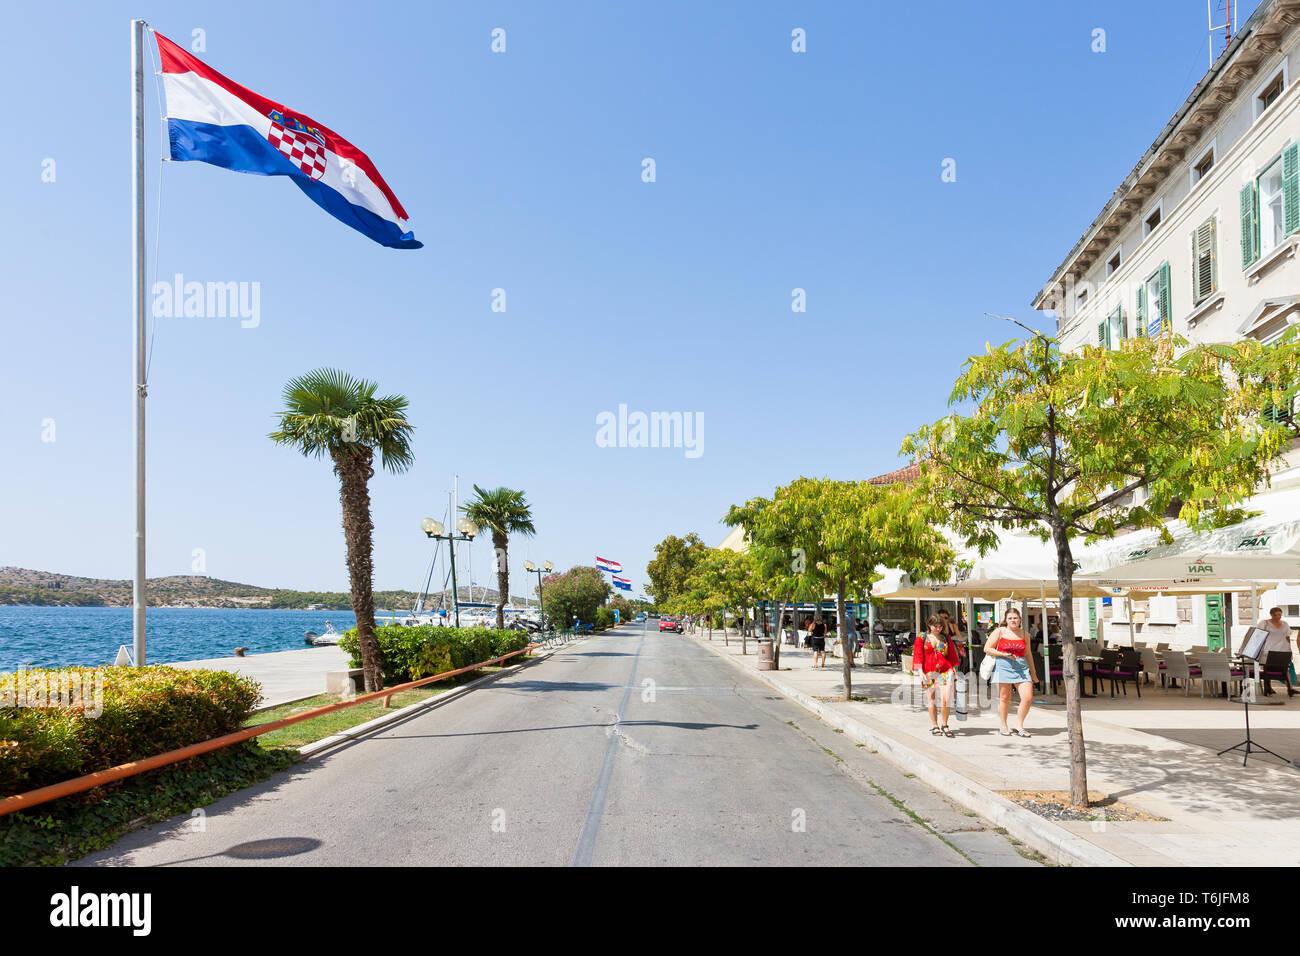 Sibenik, Kroatien, Europa - 31. August 2017 - Mehrere Touristen an der Promenade von Sibenik Stockfoto